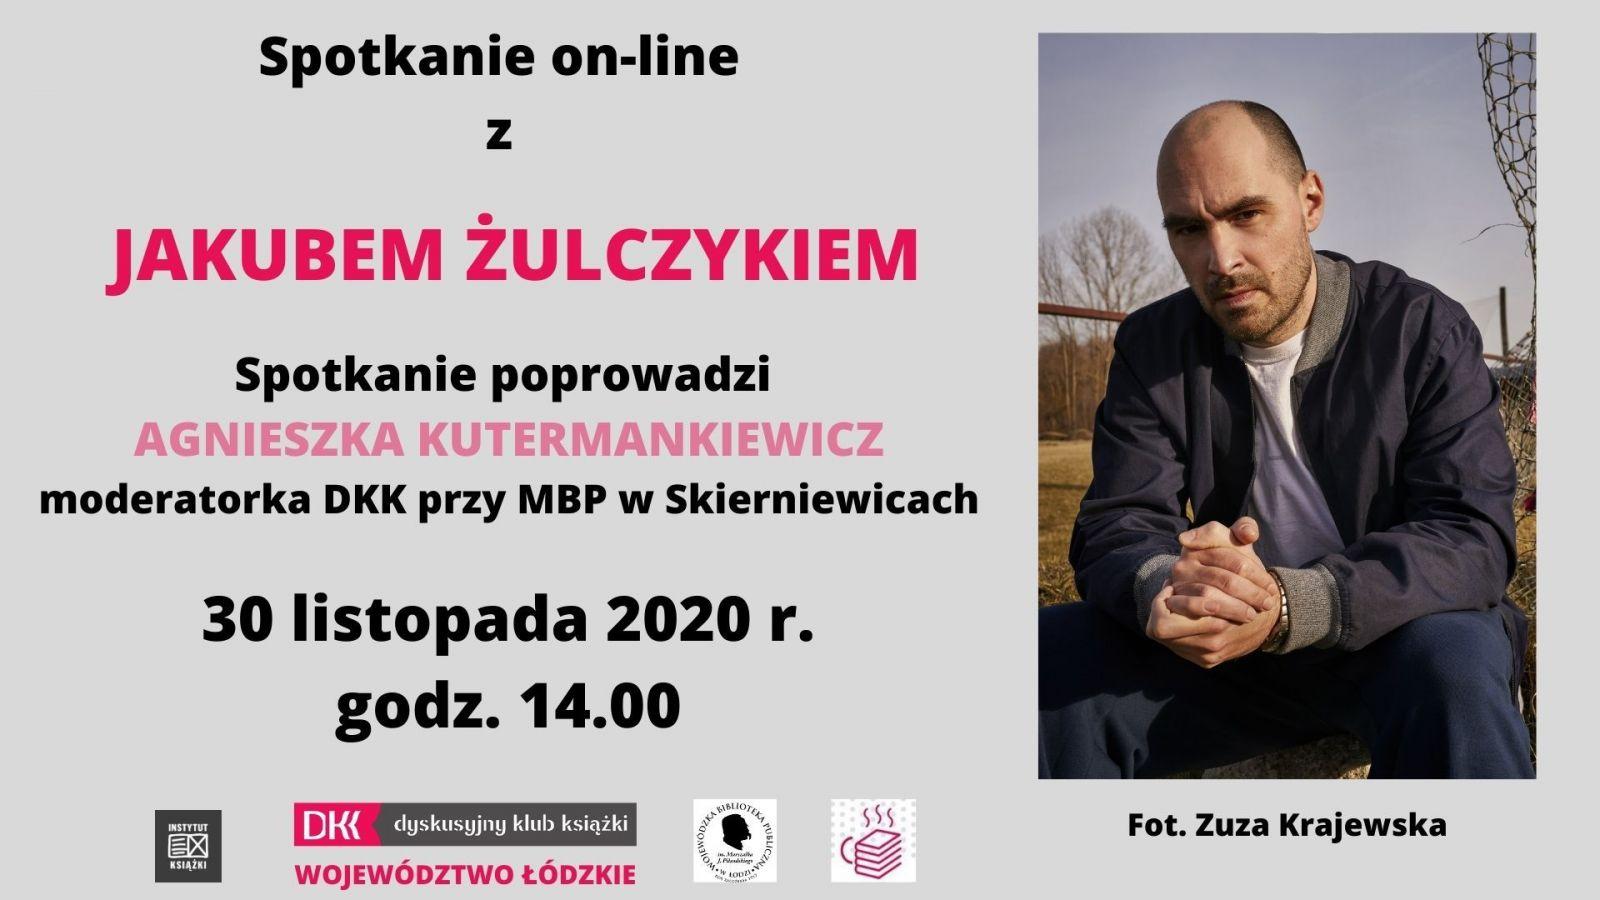 Spotkanie on-line z Jakubem Żulczykiem. Plakat na szarym tle. Po lewej stronie informacje o spotkaniu, po prawej zdjęcie autora